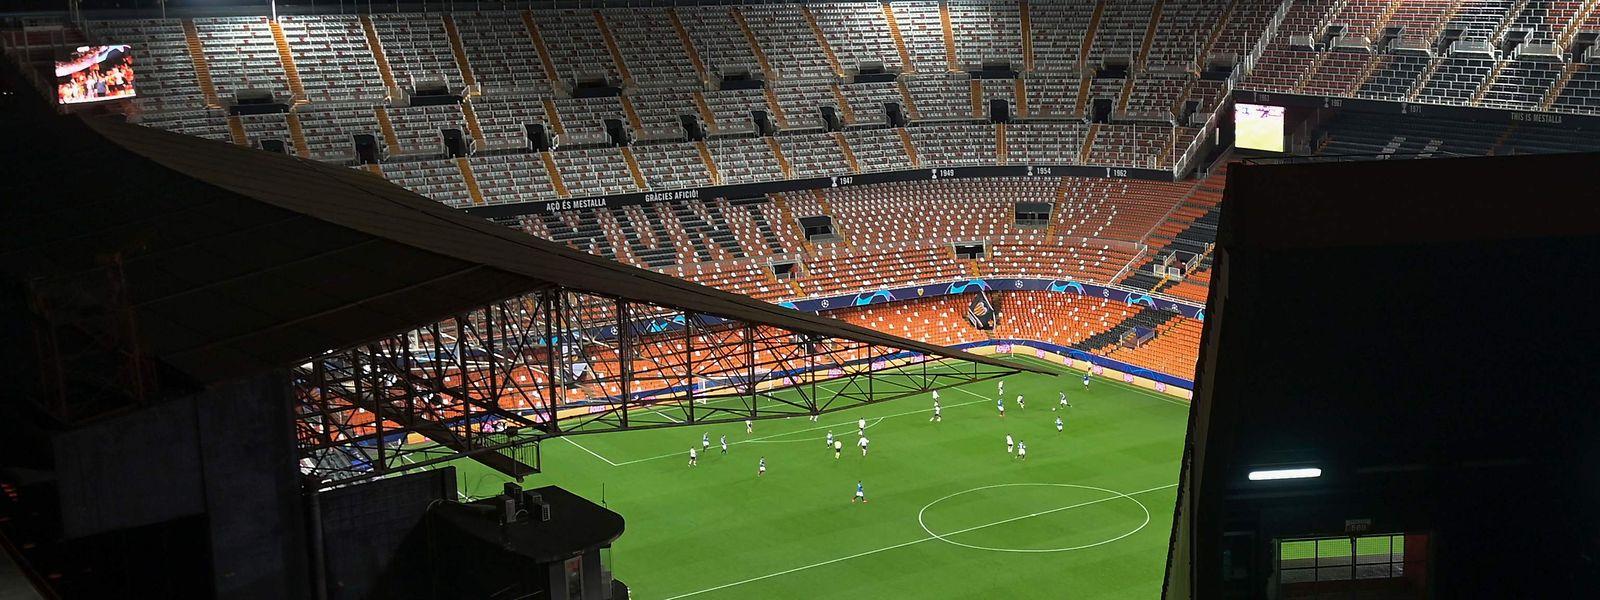 Image incroyable du stade de Valence en pleine rencontre d'UEFA Champions League mardi soir.